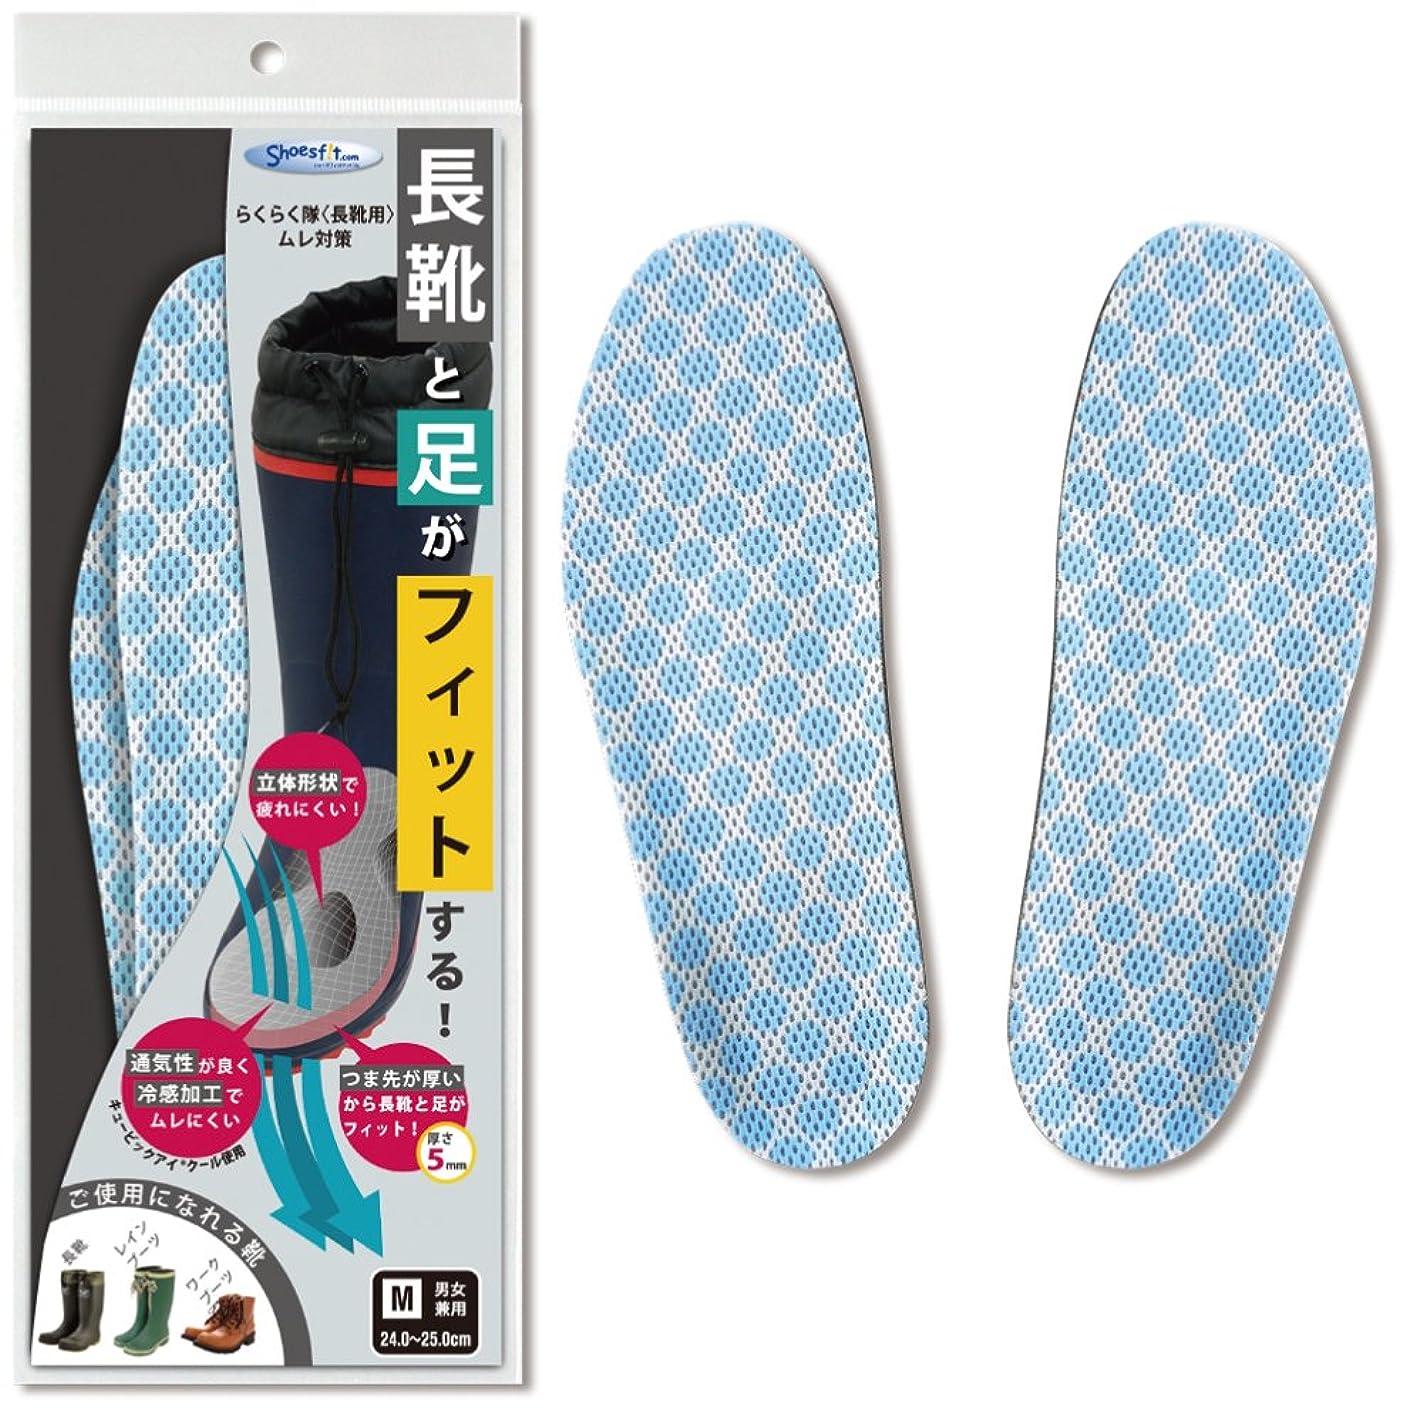 レタッチに向かって加速するらくらく隊長靴用ムレ対策XL(27.0~28.0cm)